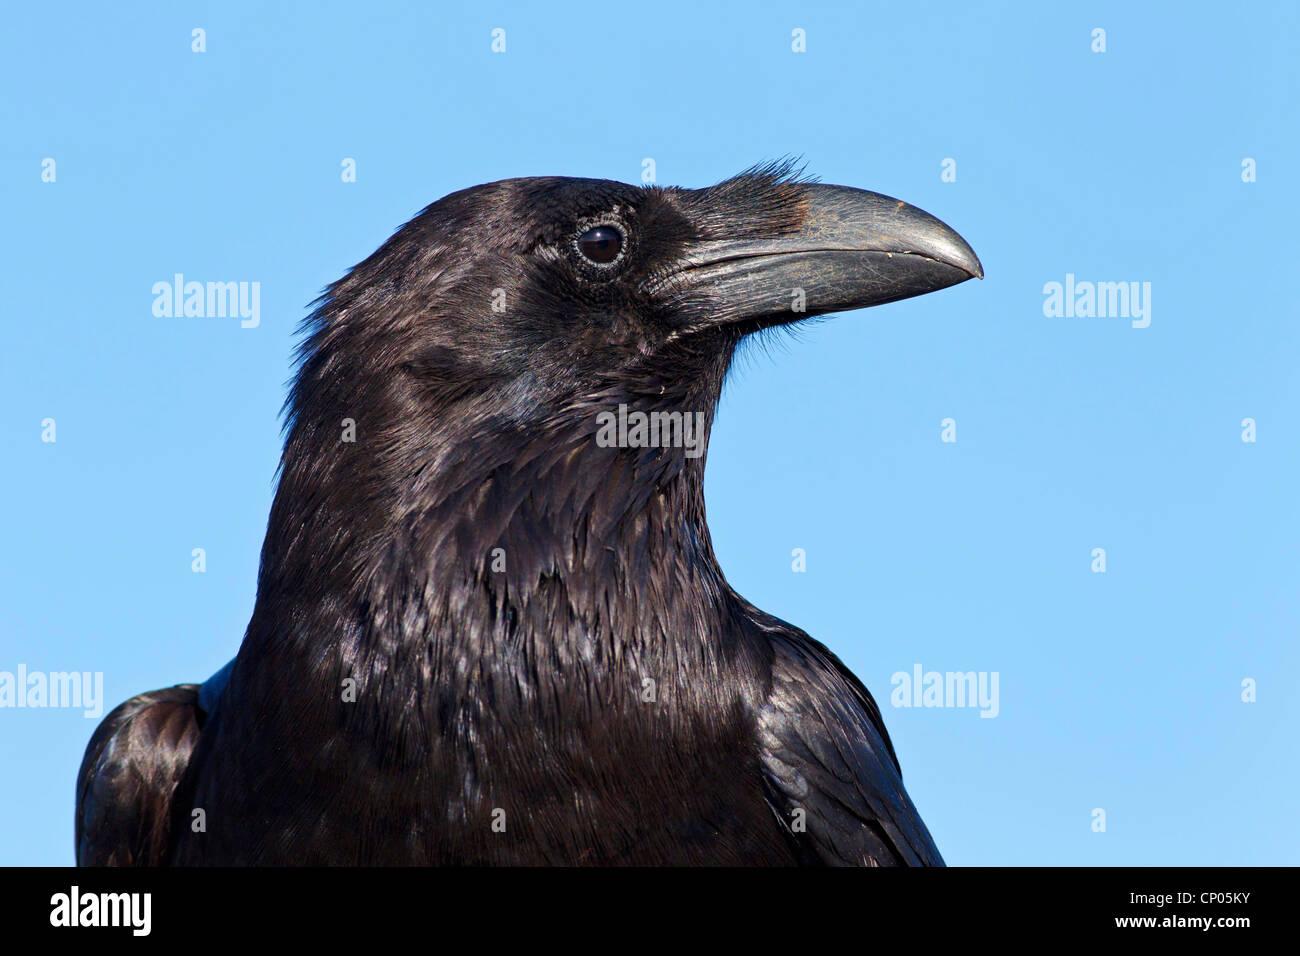 Kanarischen Inseln Raven, Kanarischen Raven (Corvus Corax Tingitanus, Corvus Tingitanus), Porträt, Kanarische Inseln, Stockfoto